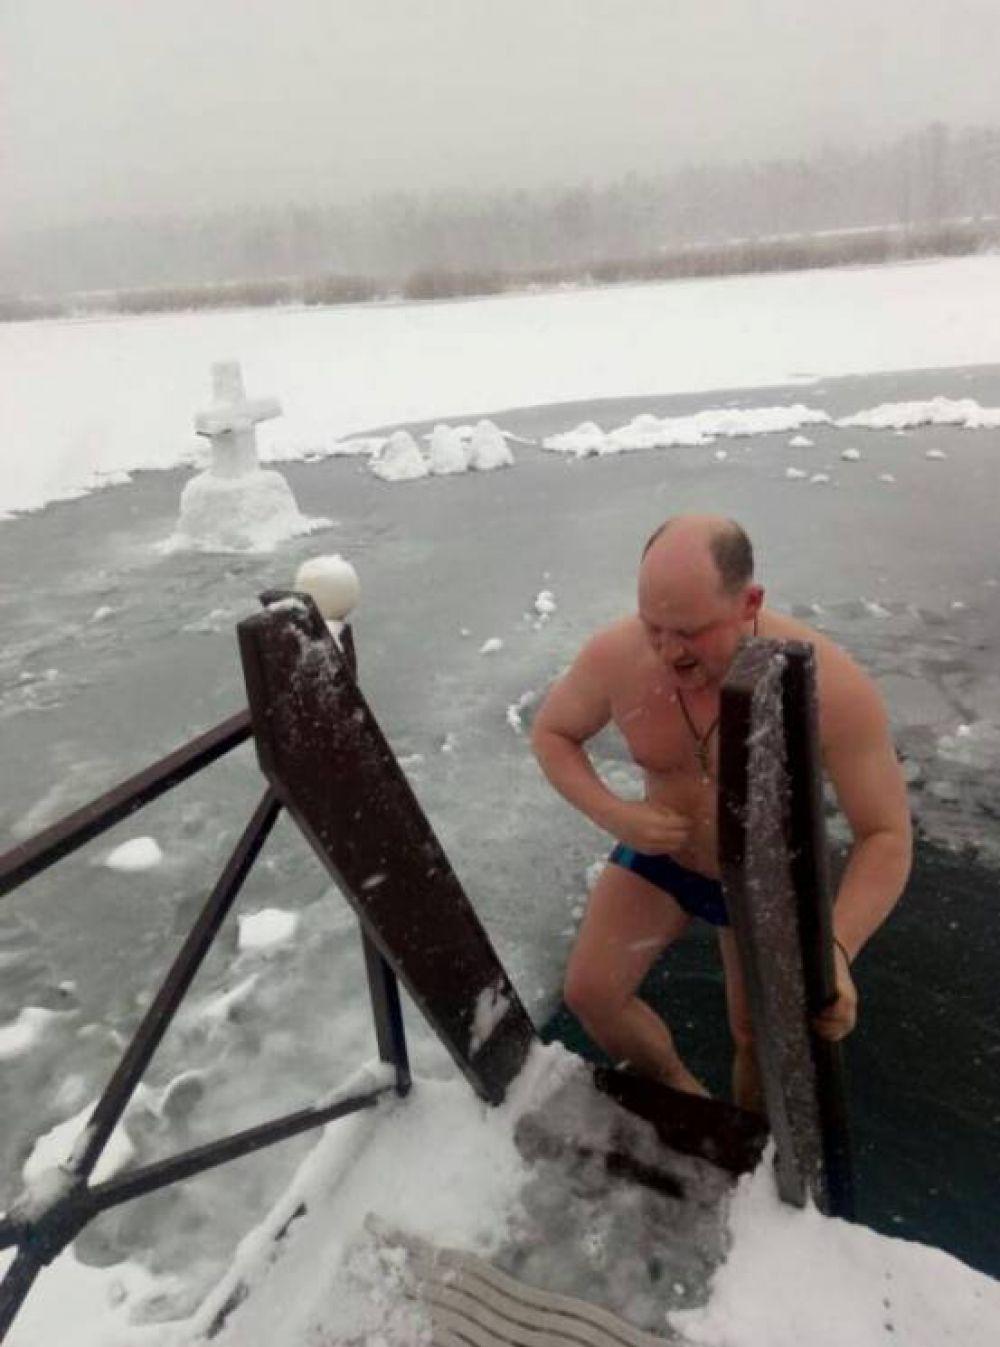 Нырял в воду и нардеп от БПП Сергей Каплин.